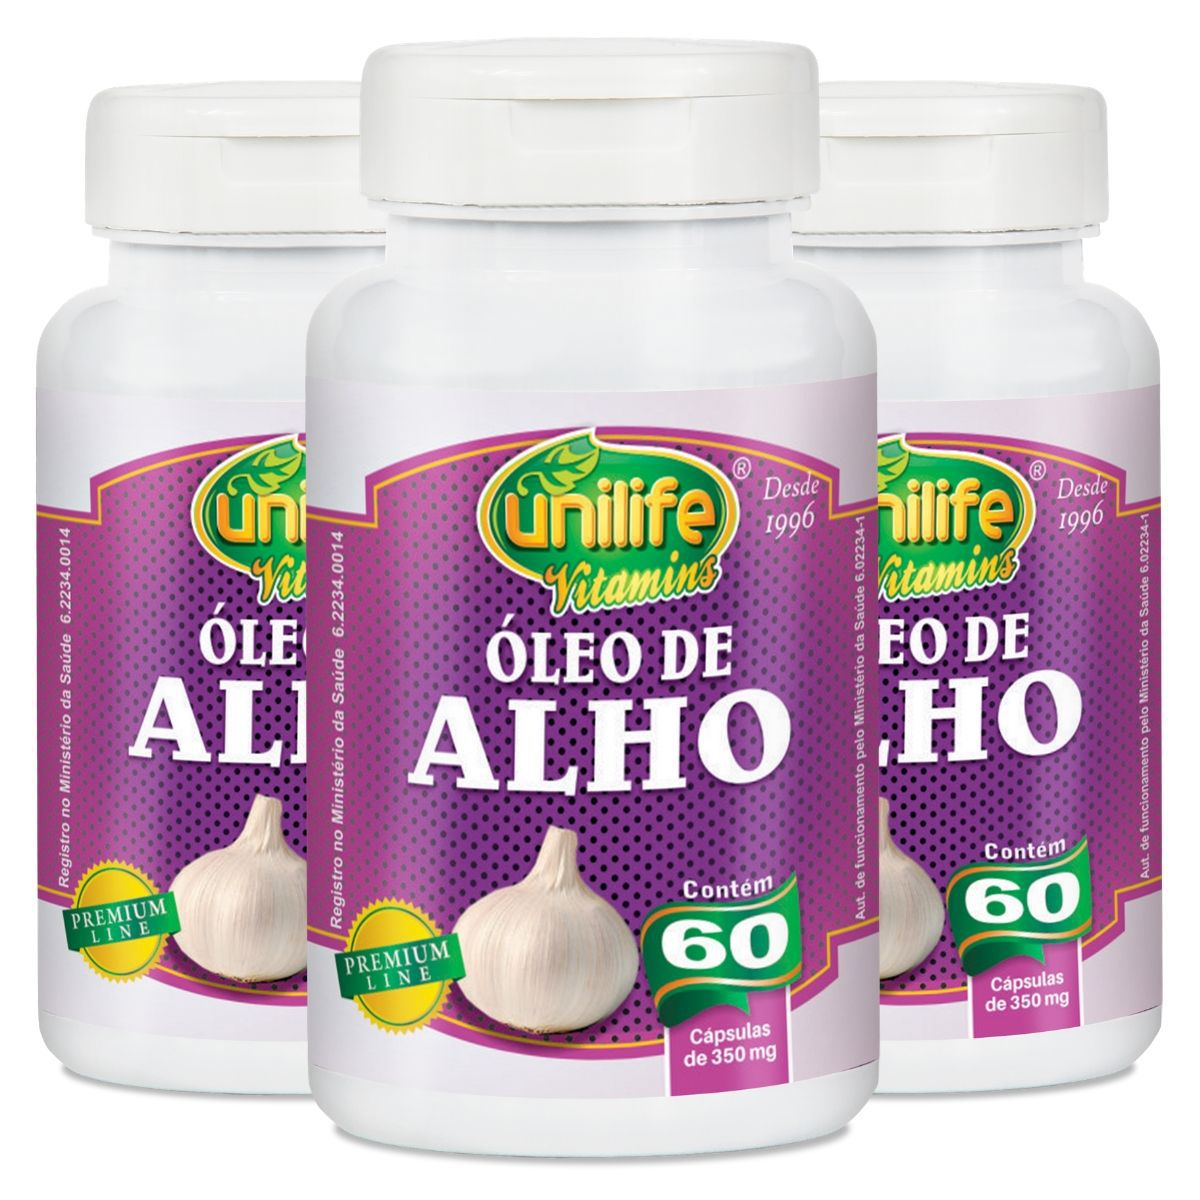 Kit 3 Óleo de Alho 60 Cápsulas 350 mg - Unilife